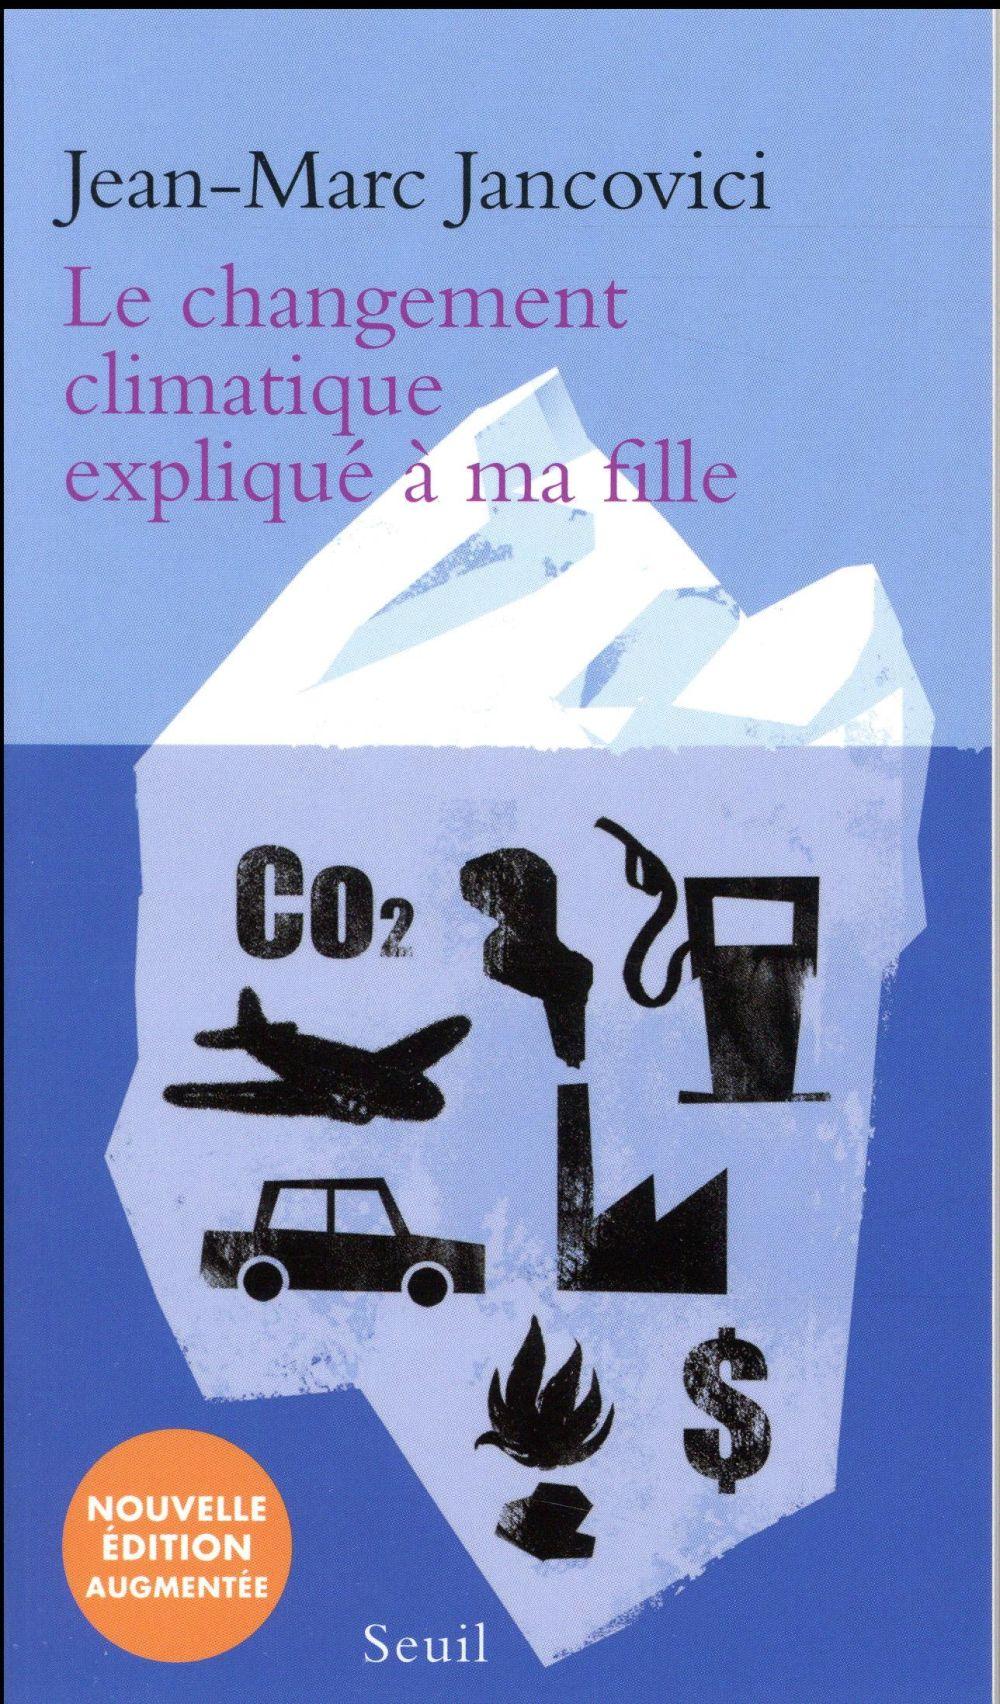 LE CHANGEMENT CLIMATIQUE EXPLIQUE A MA FILLE (NOUVELLE EDITION)